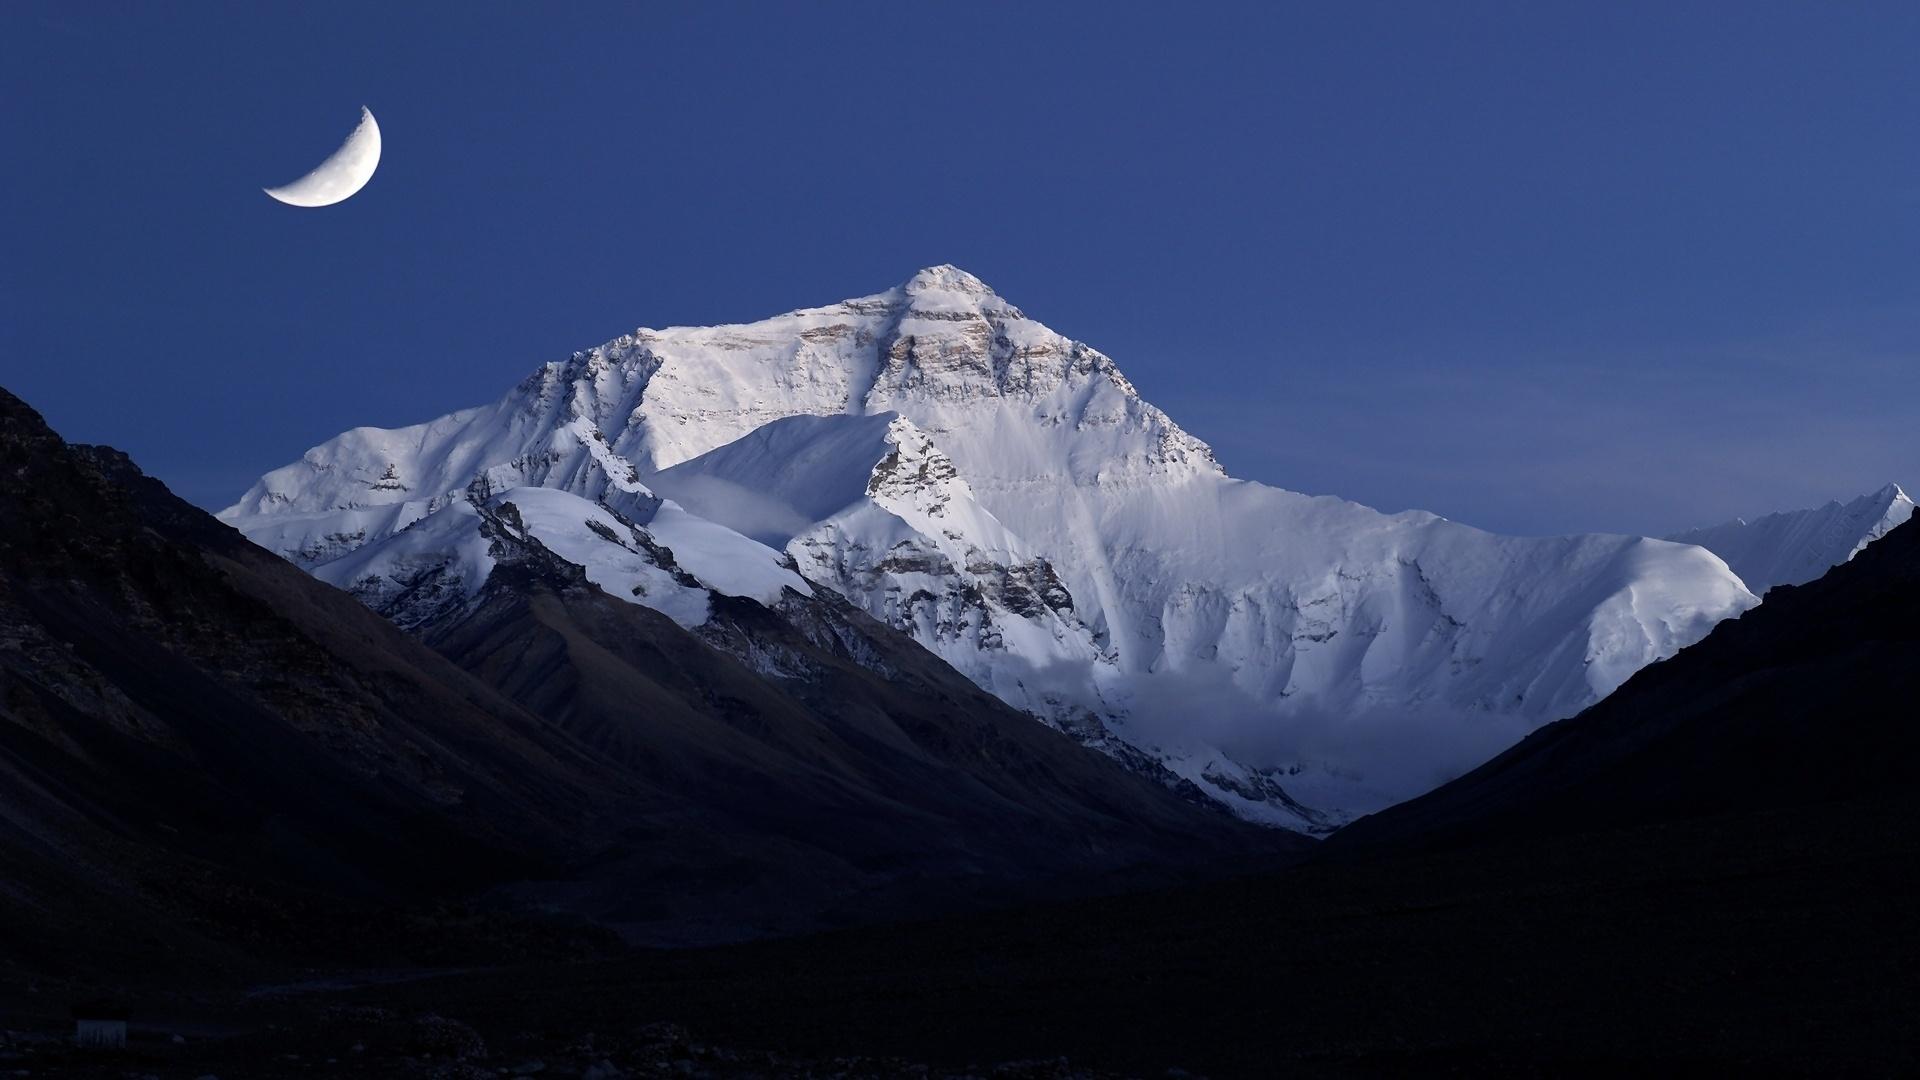 вокруг гора эверест картинка на обои обожал свою избранницу